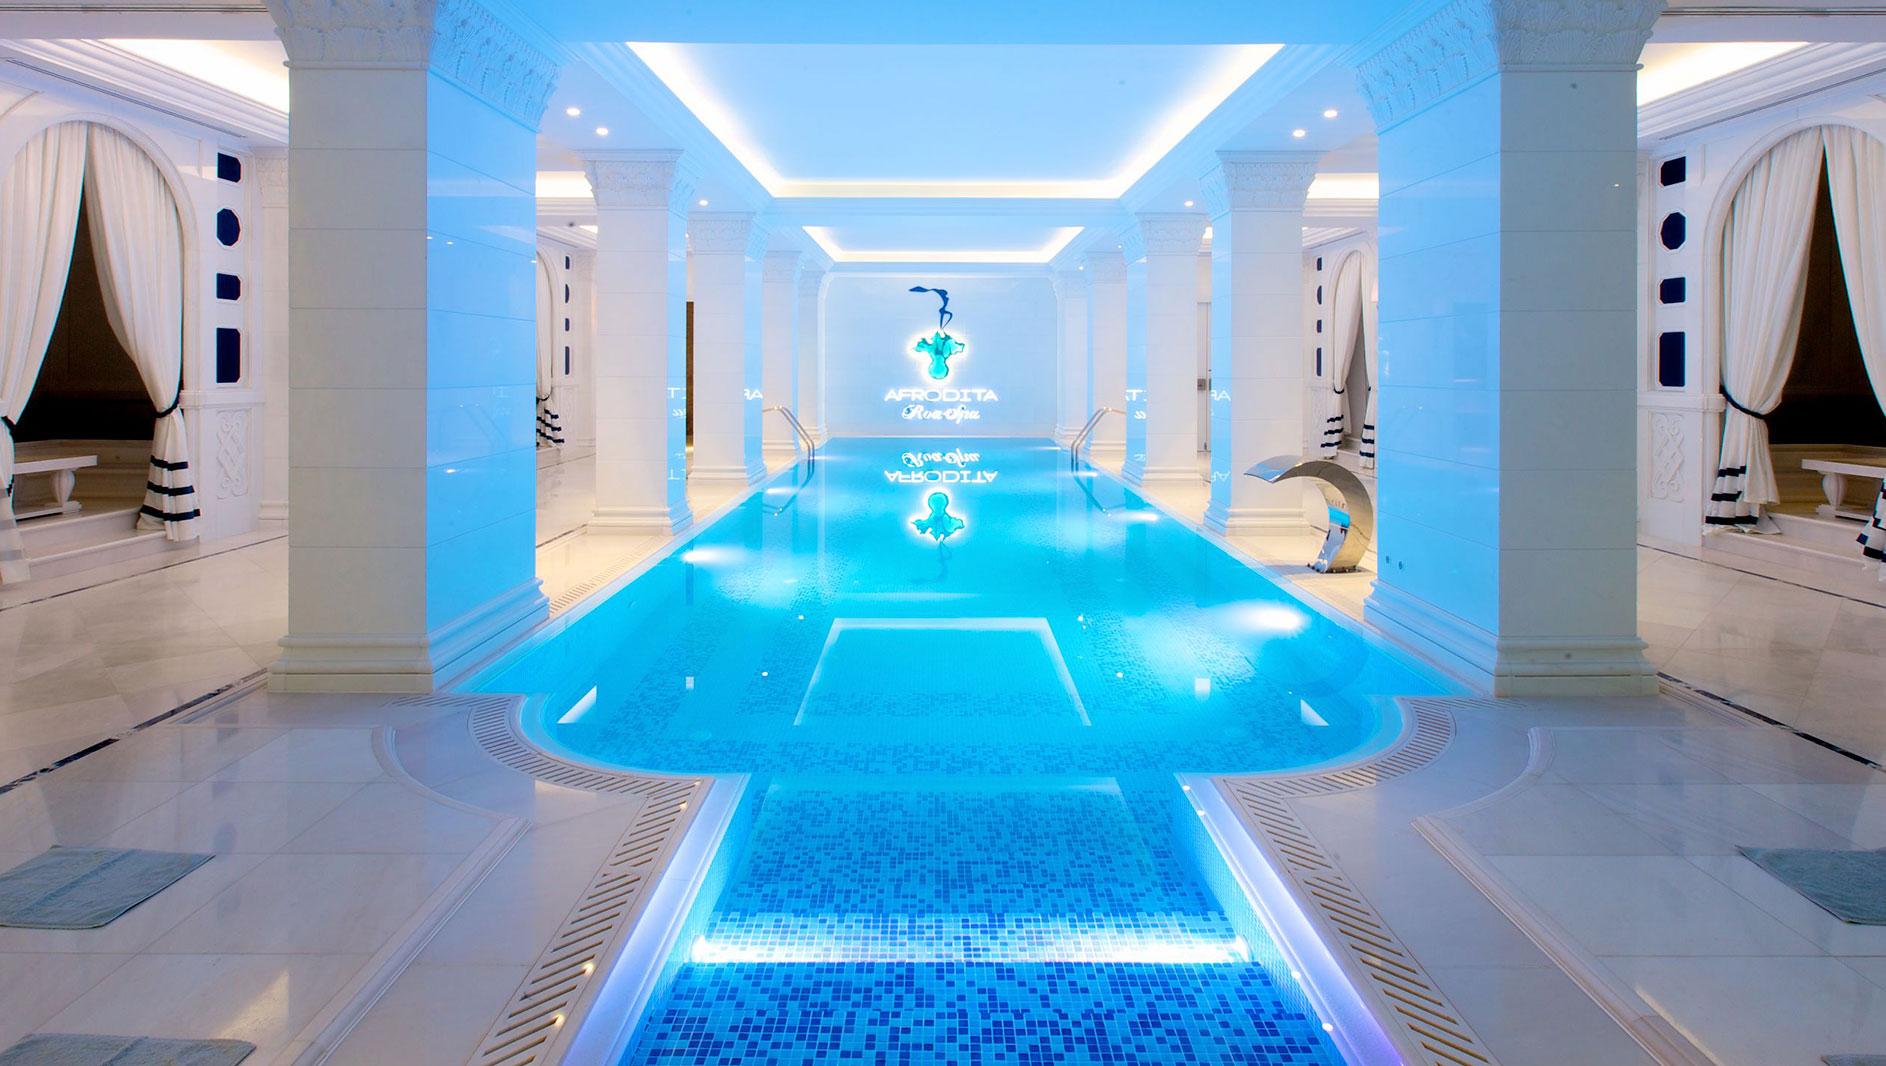 Pomegranate wellness spa hotel greece we do dream weddings for Wellness hotel